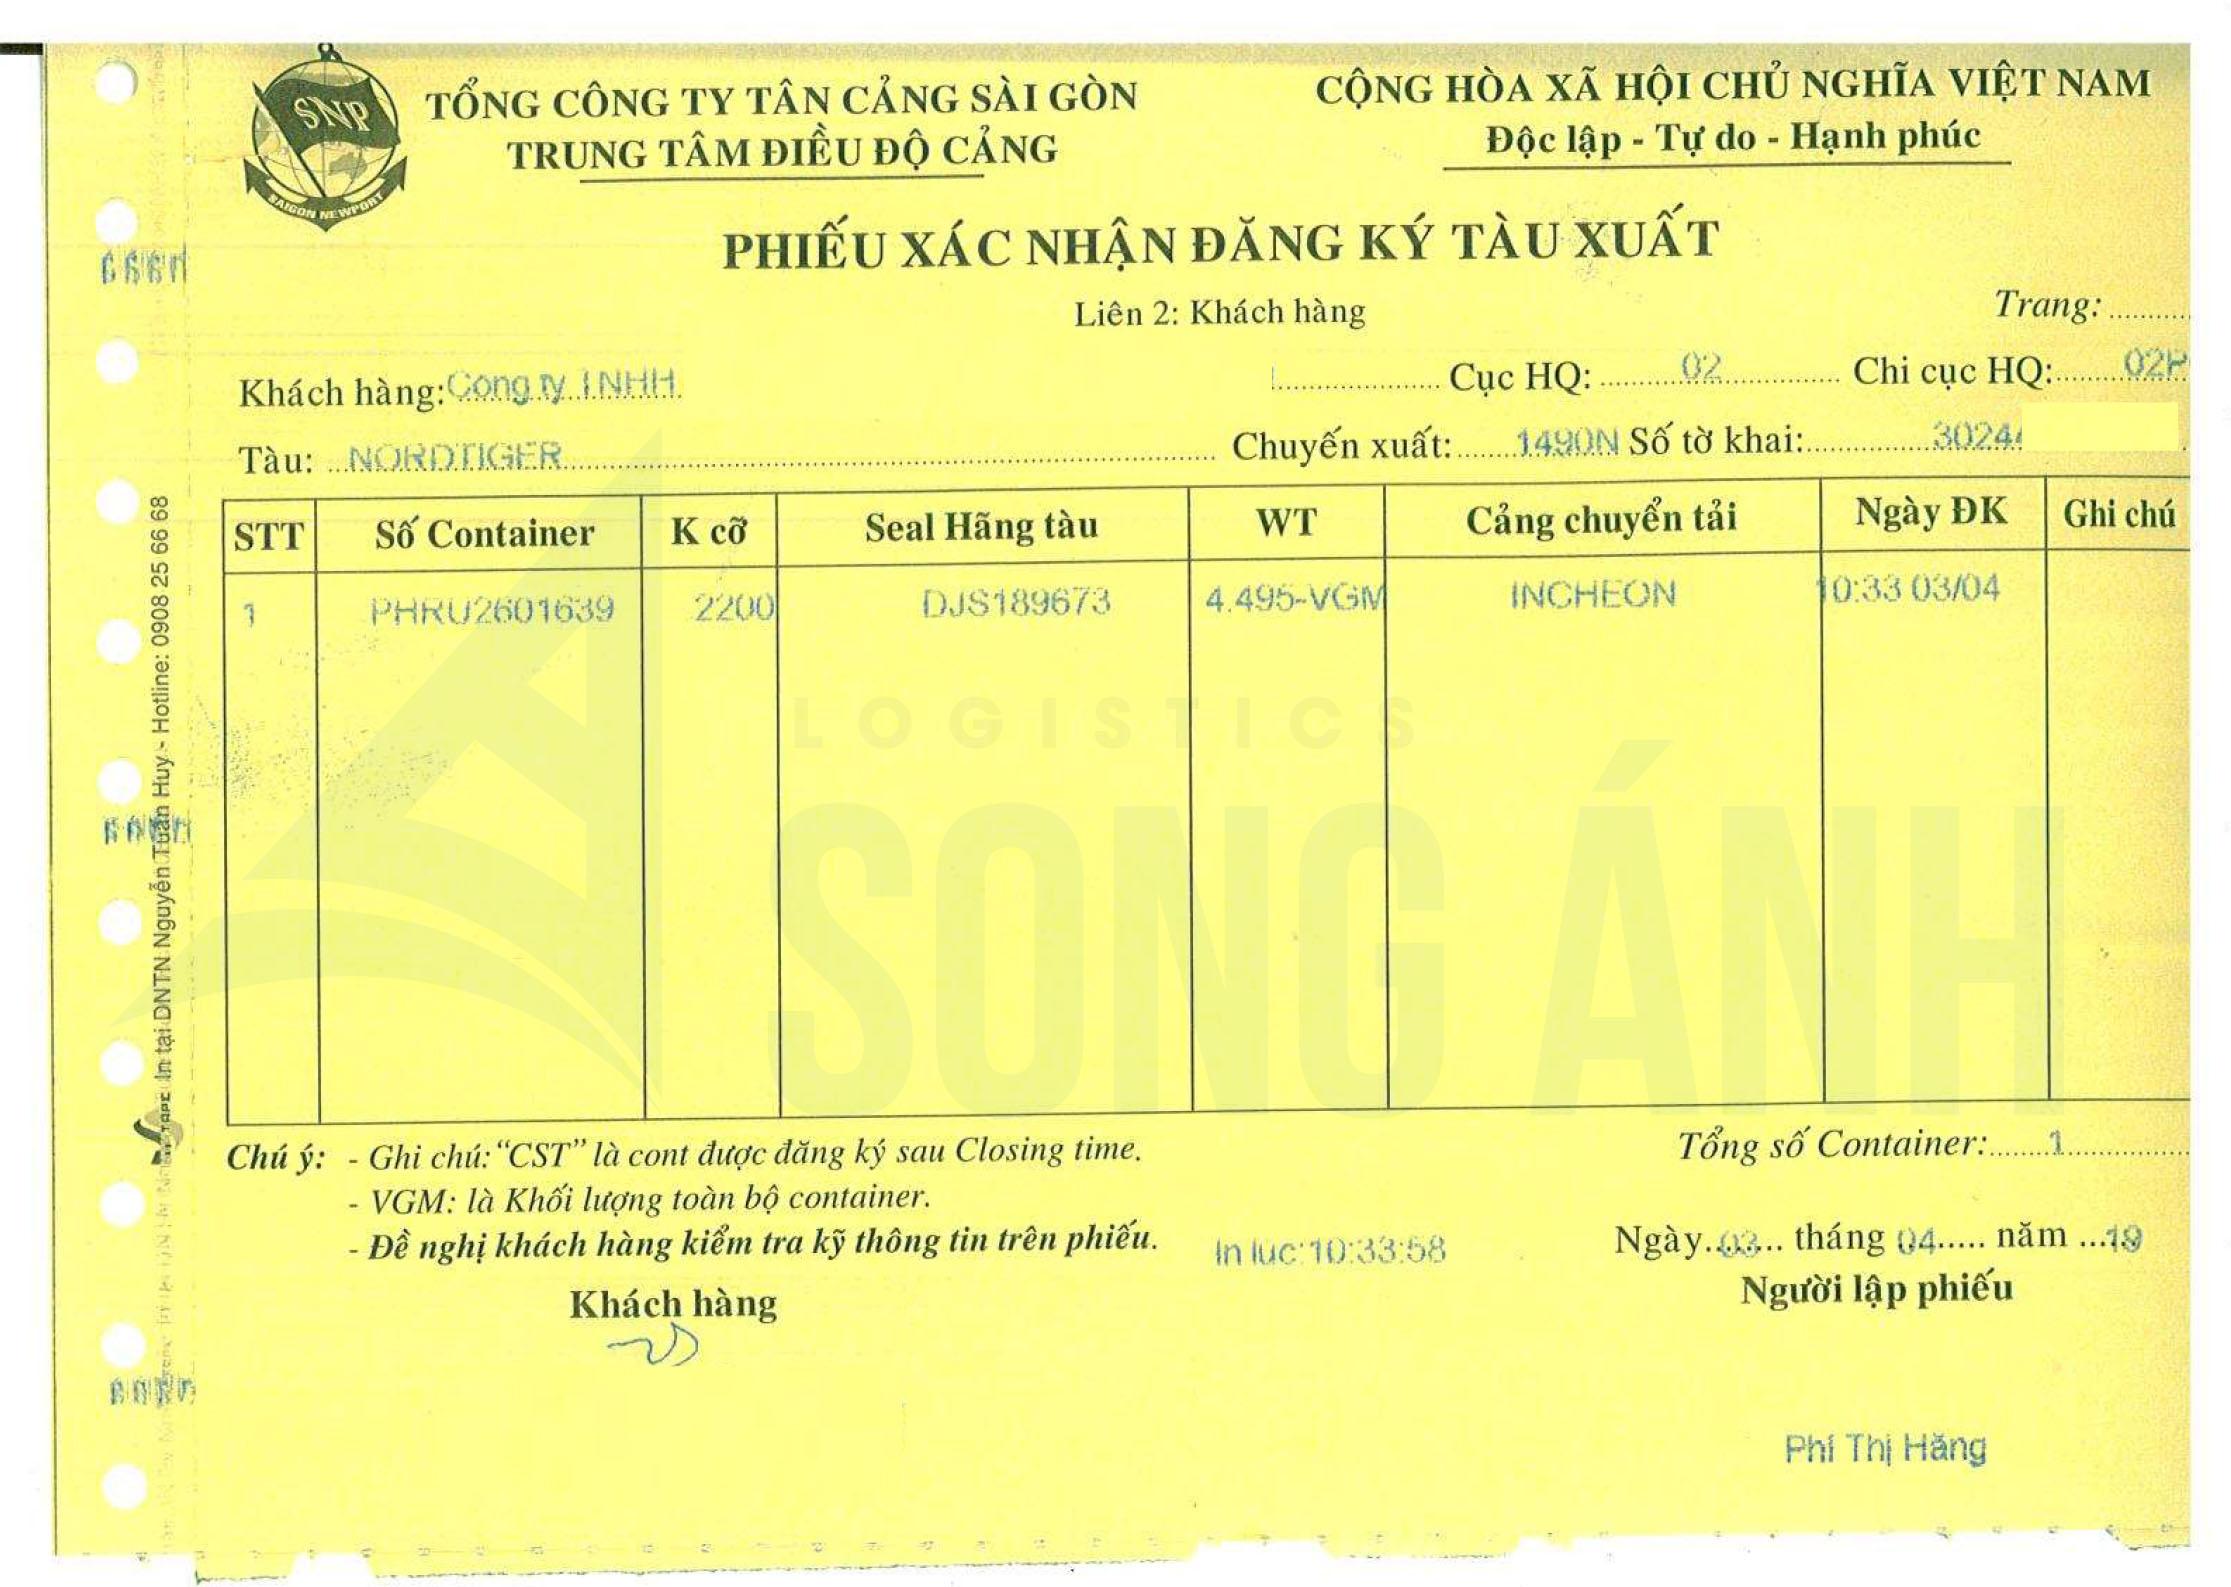 Phiếu xác nhận đăng ký tàu xuất Cát Lái